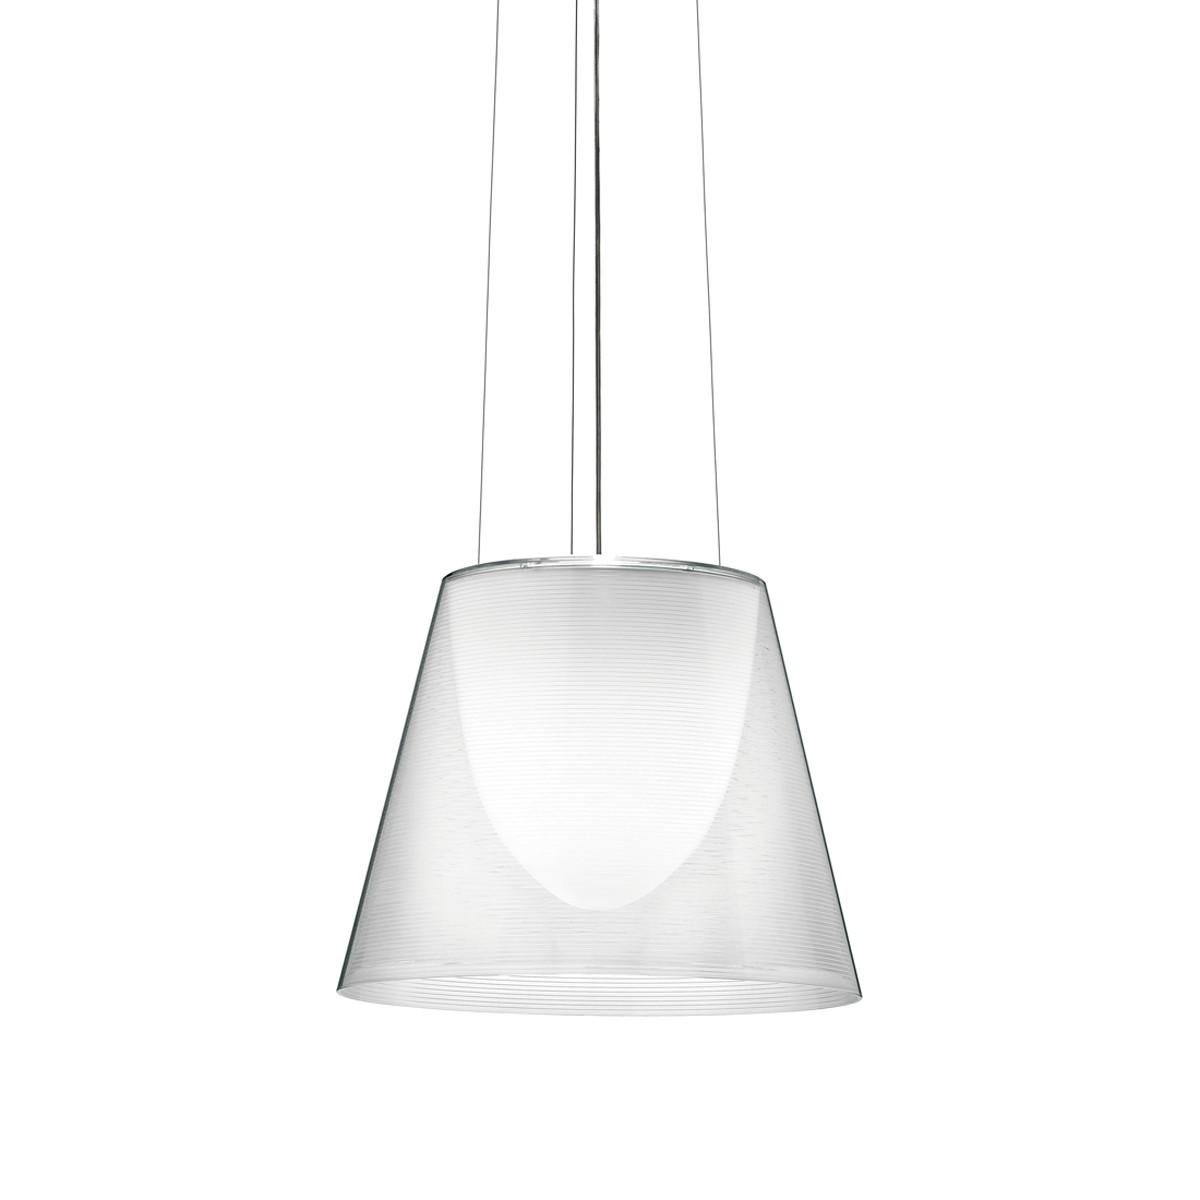 Flos KTribe S Pendelleuchte, S2, Ø: 39,5 cm, transparent